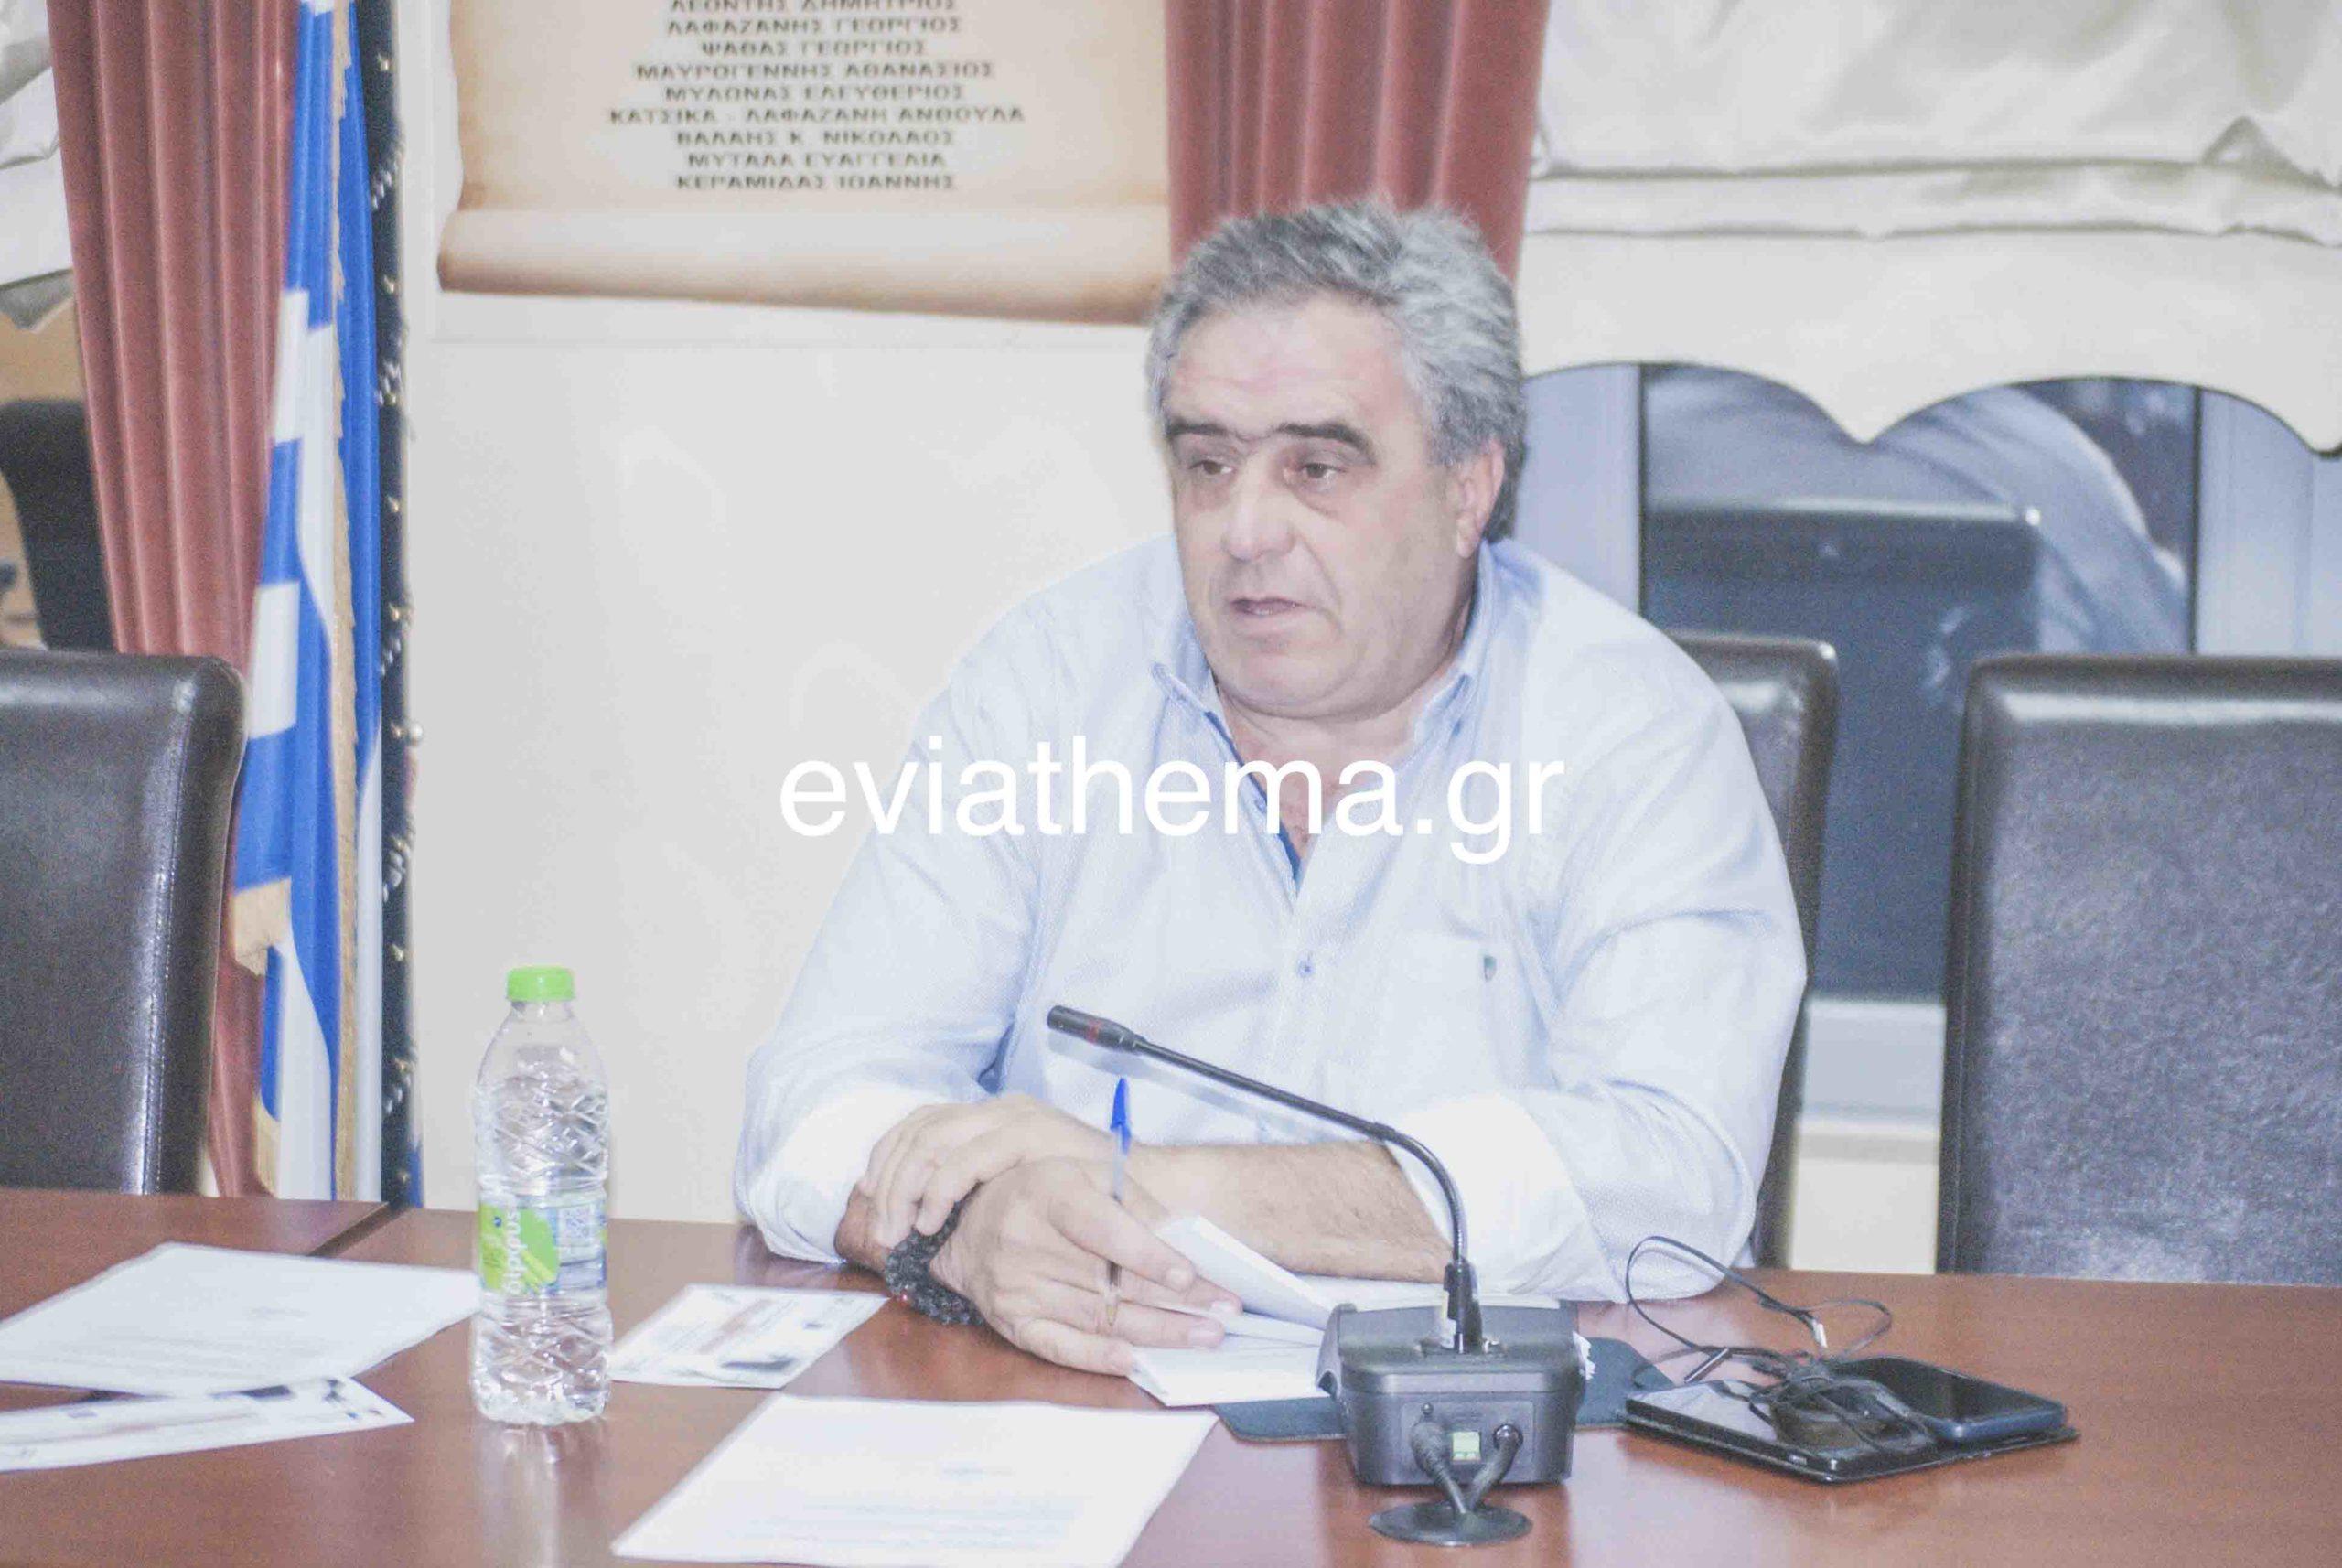 , Δημοτικό συμβούλιο Δήμου Διρφύων Μεσσαπίων αύριο Τρίτη 10/12, Eviathema.gr | Εύβοια Τοπ Νέα Ειδήσεις